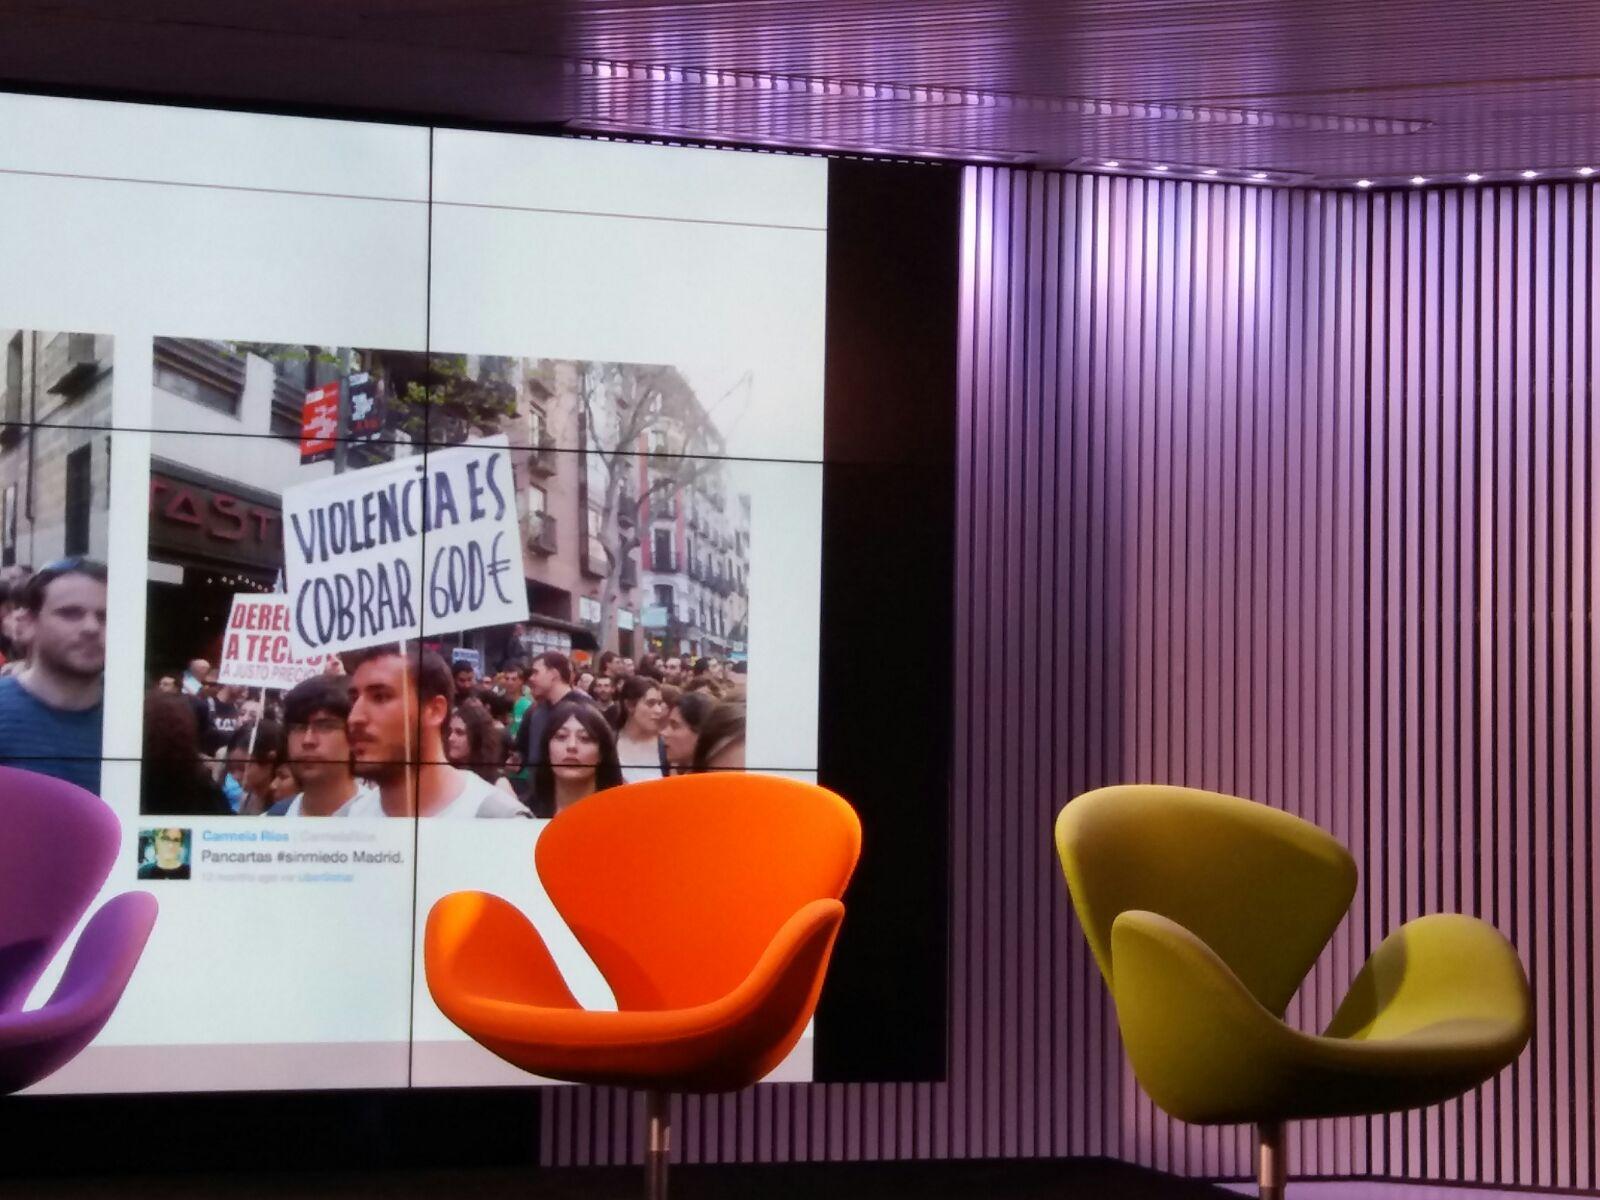 @CarmelaRios hay que buscar la pequeña historia en el periodismo móvil.  #MoJoBCN en el Mobile World Centre  @anaisbernal https://t.co/8gJ6w5KN0O